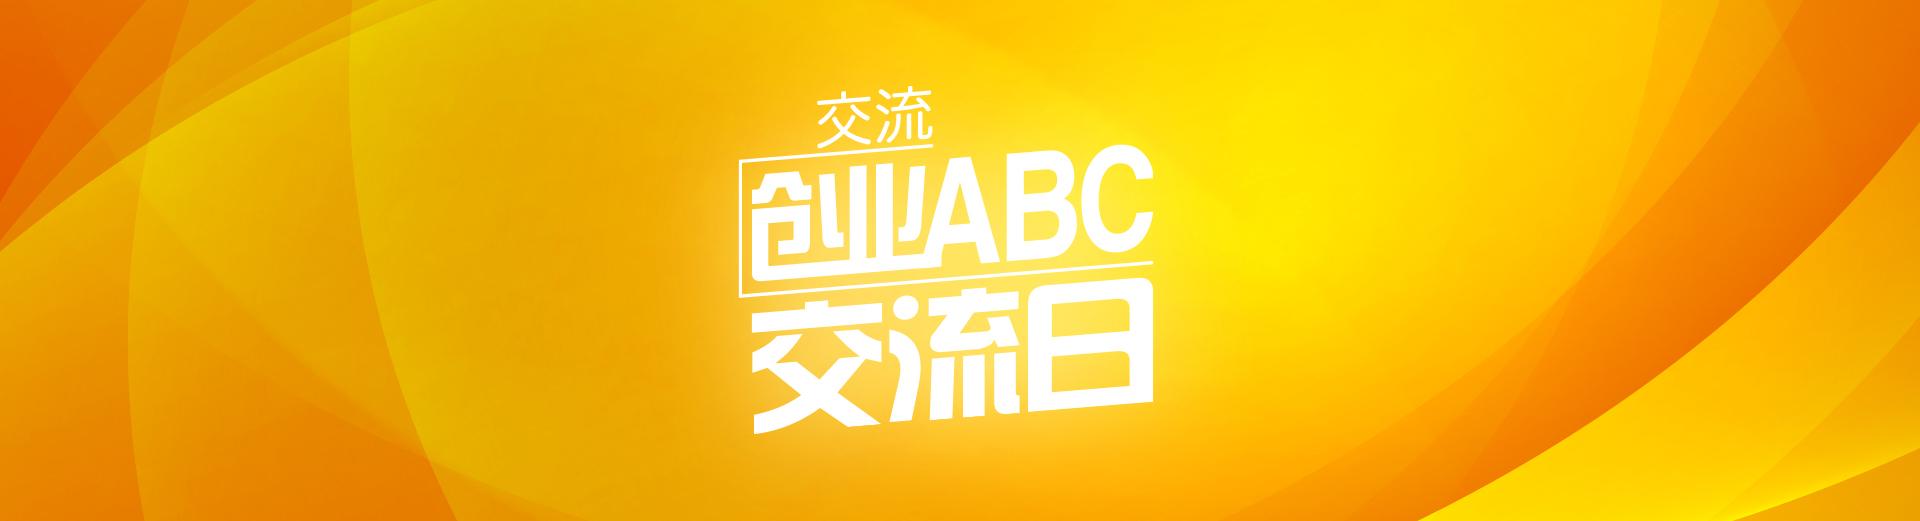 创业ABC交流日 - 创业ABC交流日 - 创业活动 - 创业工坊